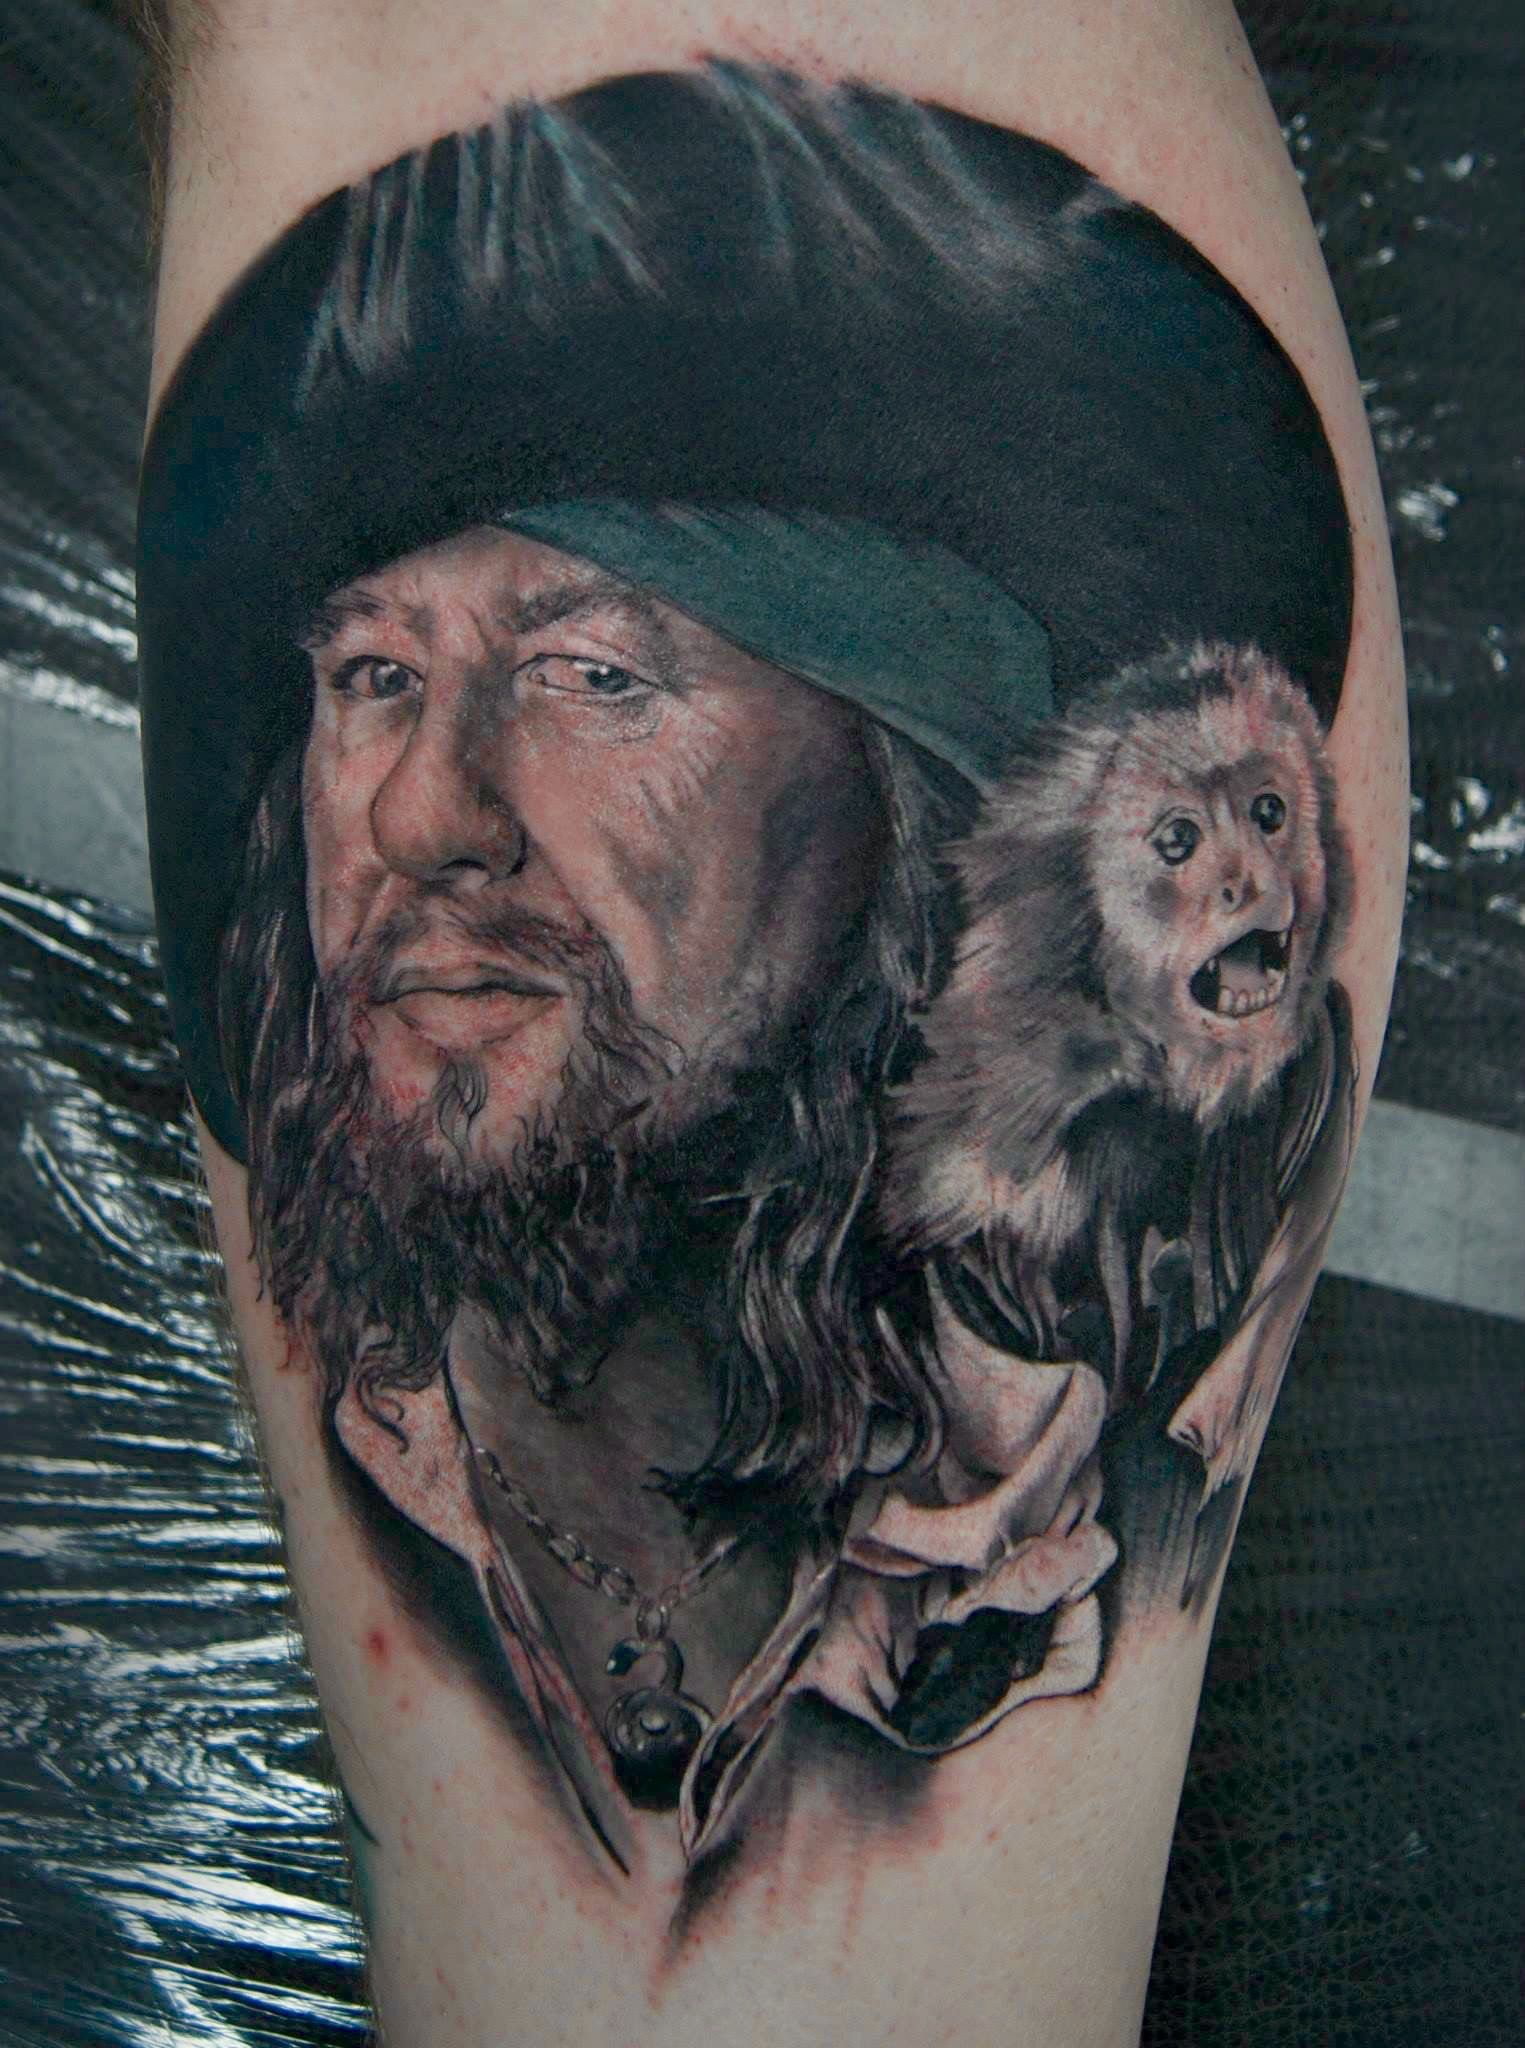 Pirates Of The Caribbean Tattoo Tattoos Pirate Tattoo Tattoos